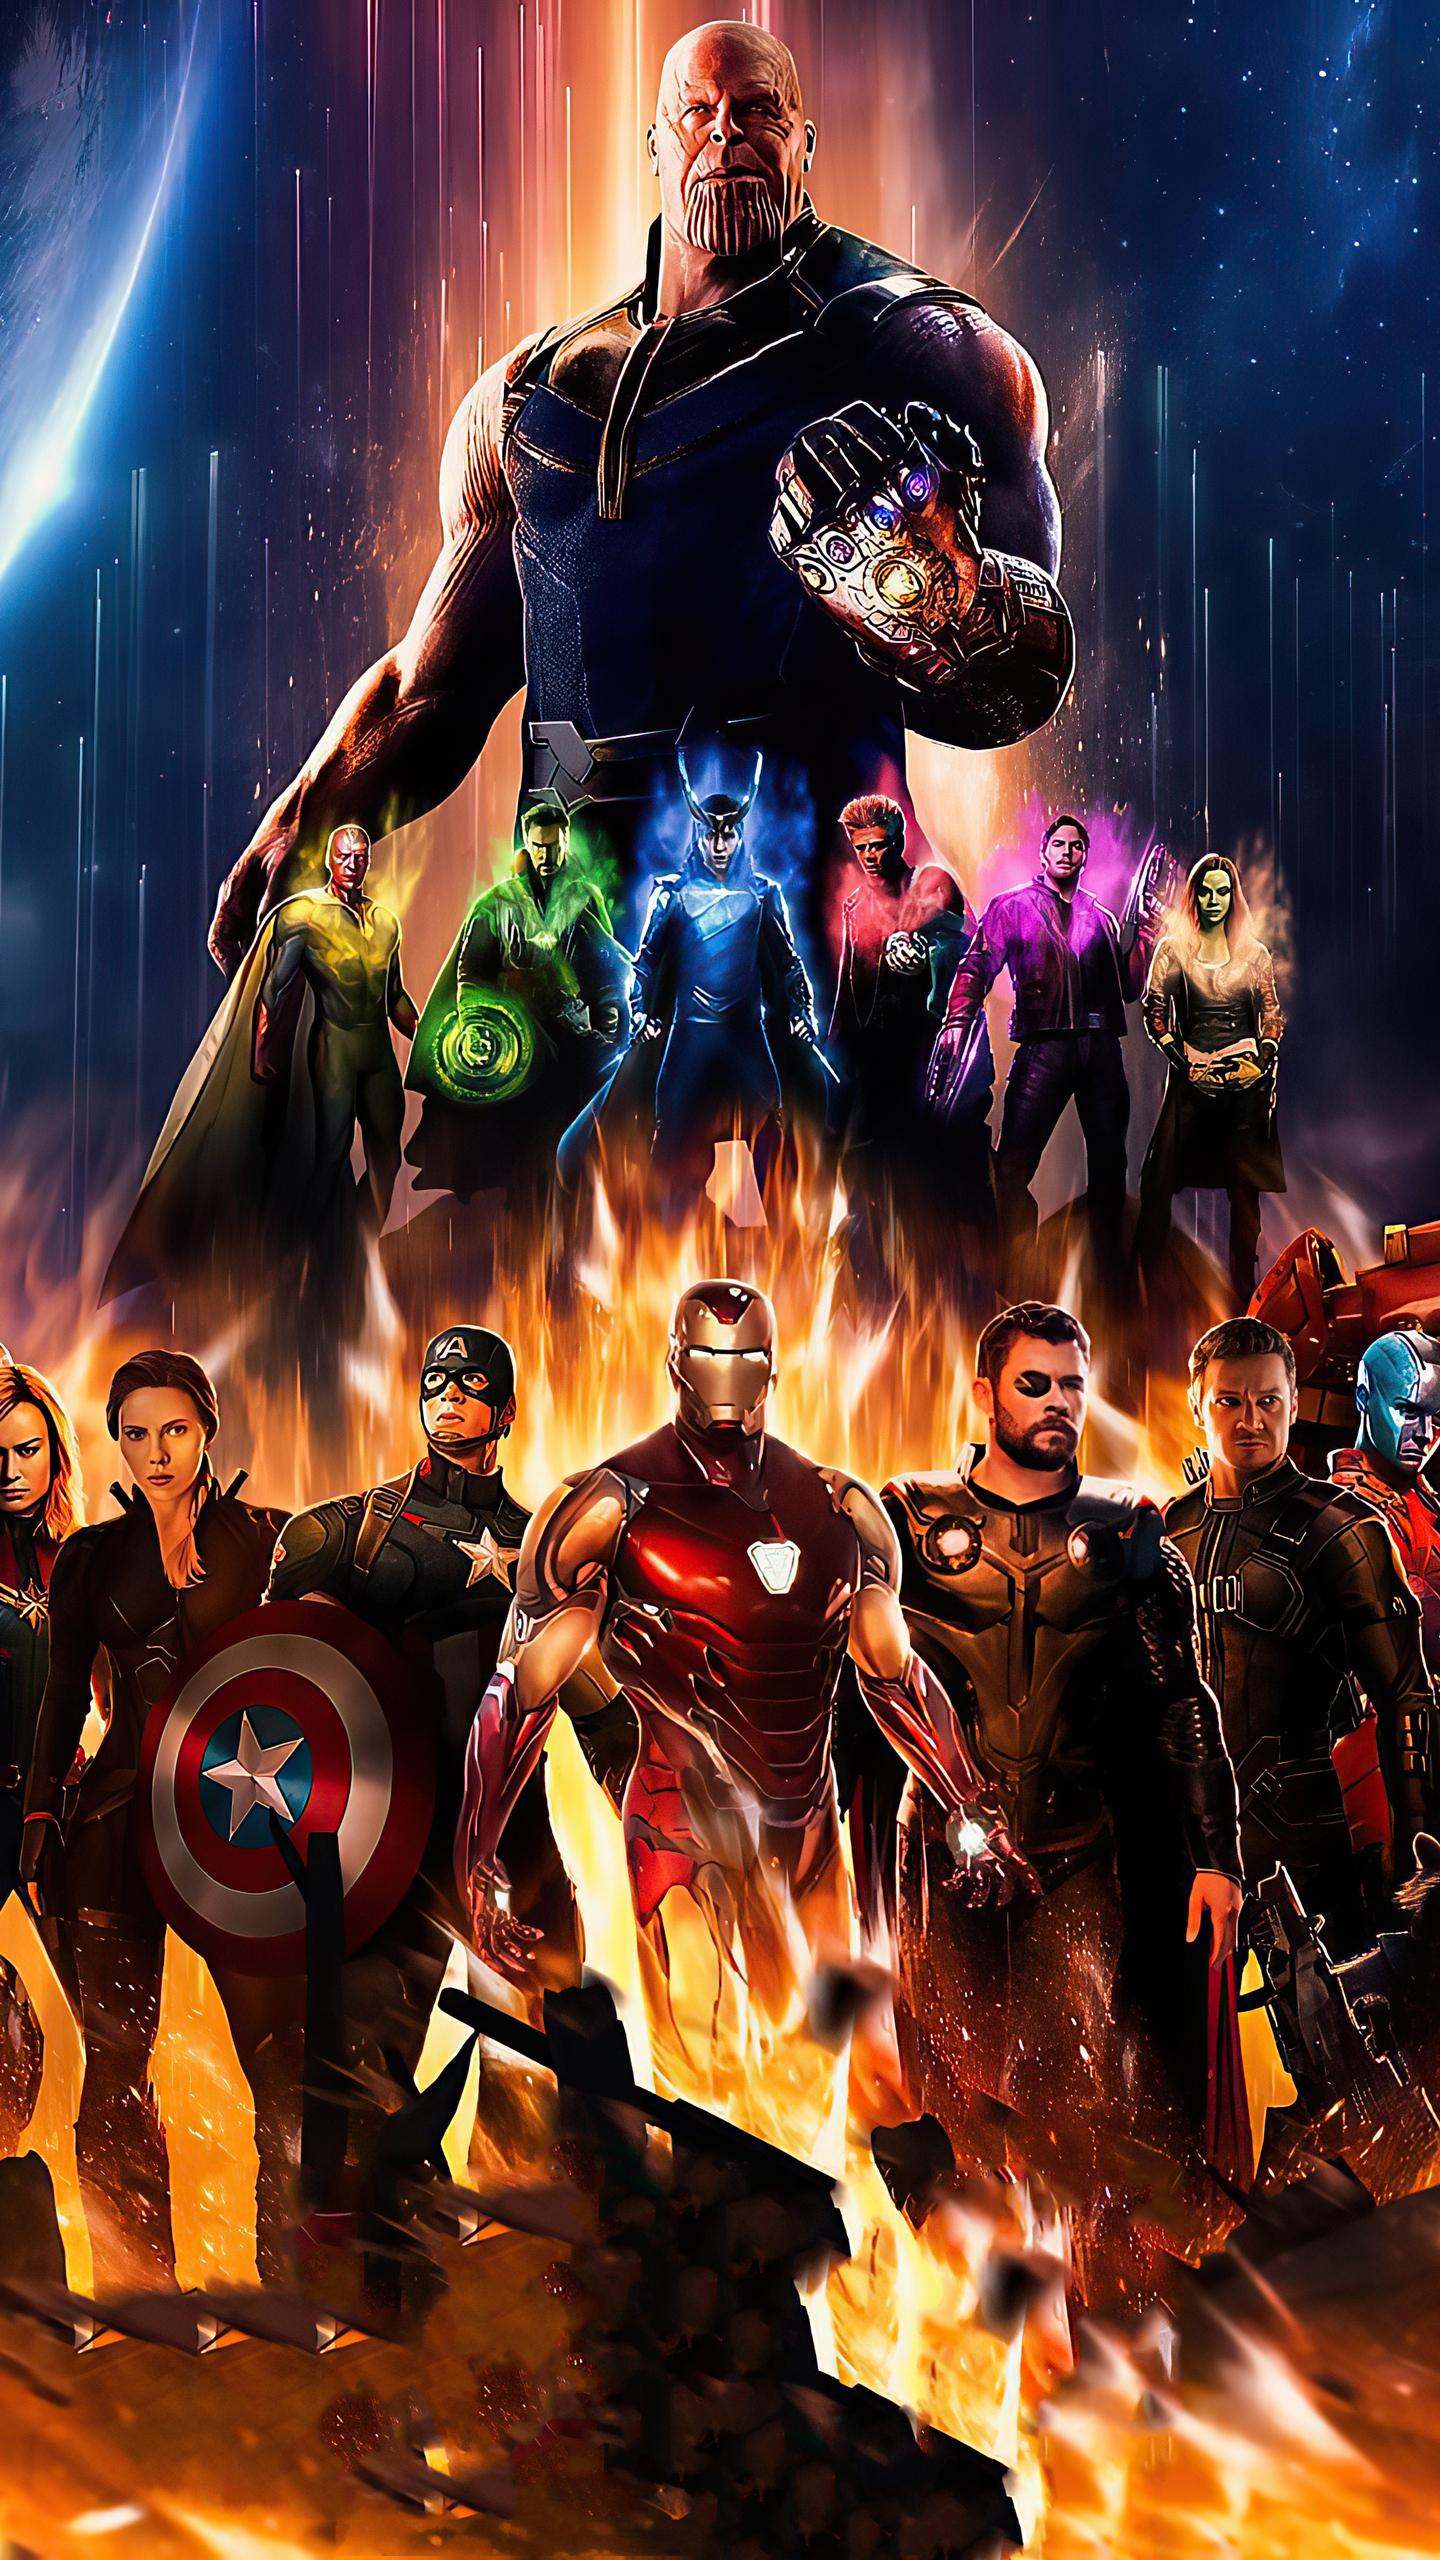 avengers-endgame-final-poster-vr.jpg